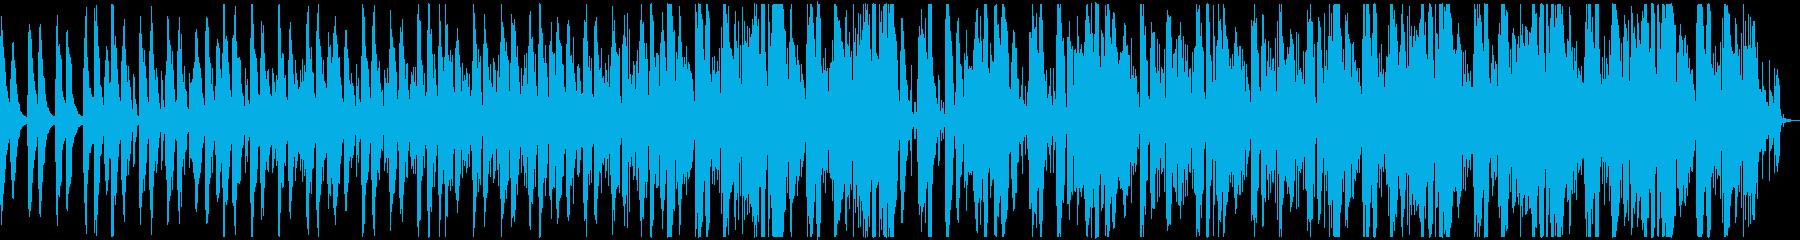 切ない 恋愛 トラップソウルの再生済みの波形